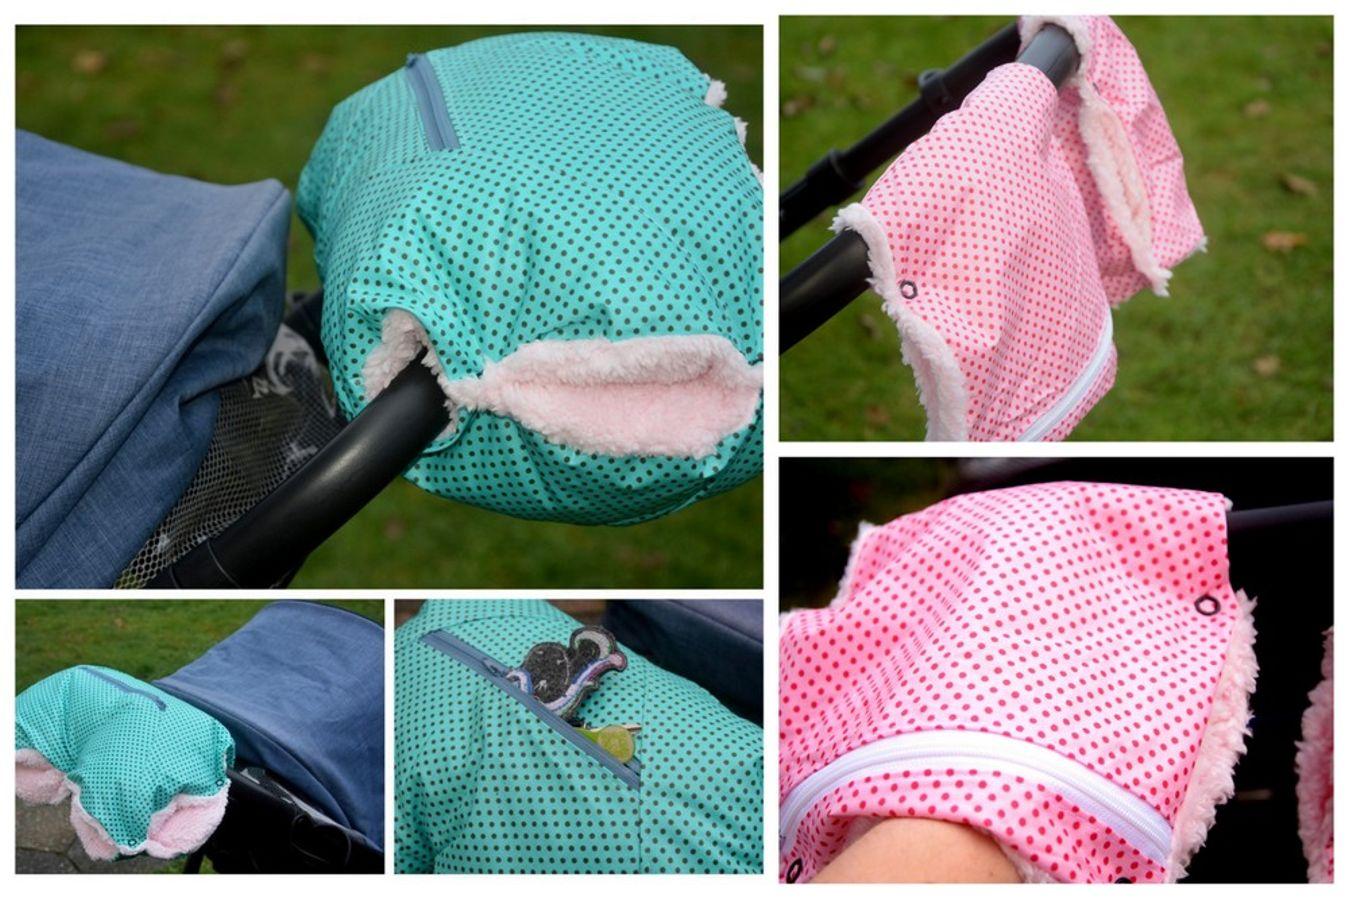 Produktfoto von Engelinchen für Schnittmuster Kinderwagen-Muff - ein- oder zweiteilig